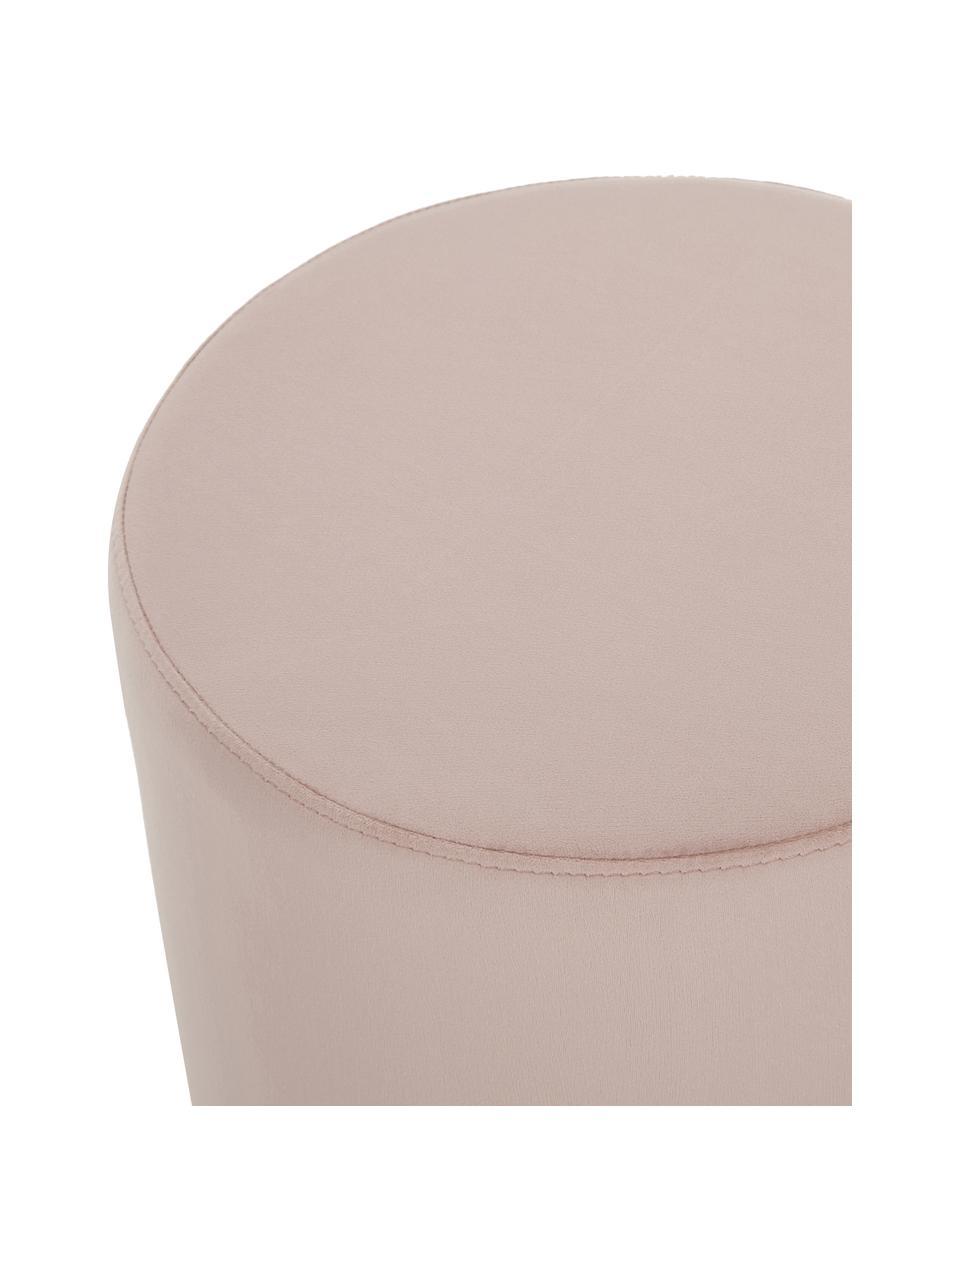 Pouf in velluto rosa Daisy, Rivestimento: velluto (poliestere) Con , Struttura: fibra a media densità, Velluto rosa, Ø 38 x Alt. 45 cm